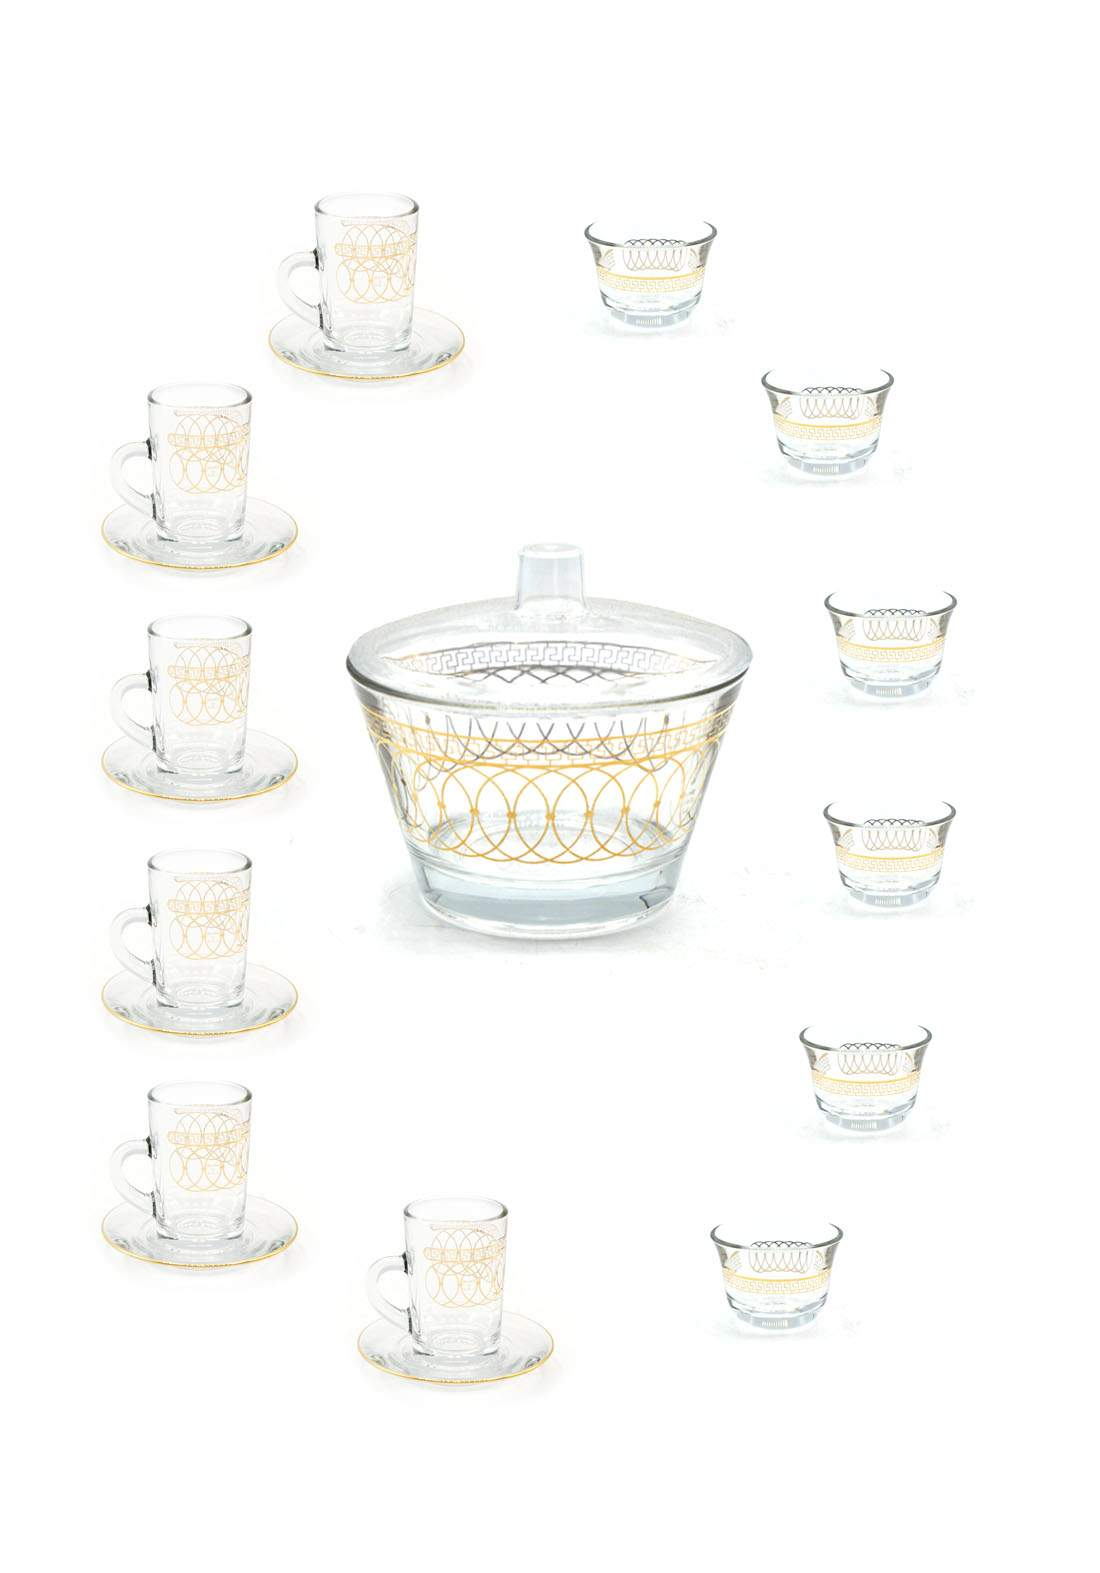 سيت شاي مع قهوة 13 قطعة من دملاج